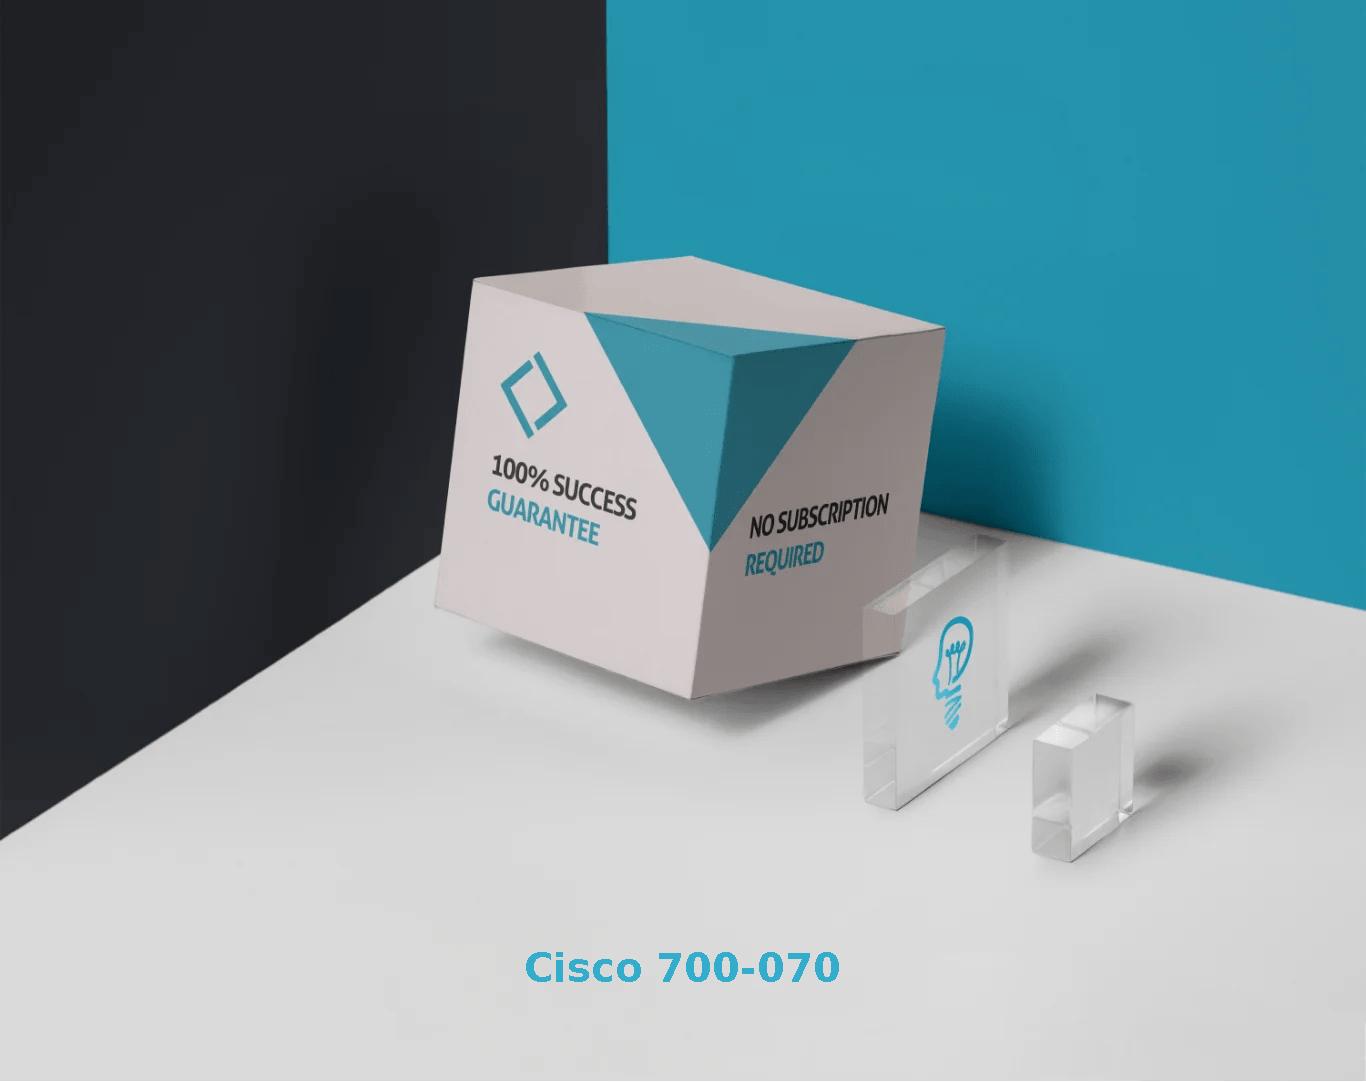 Cisco 700-070 Exams